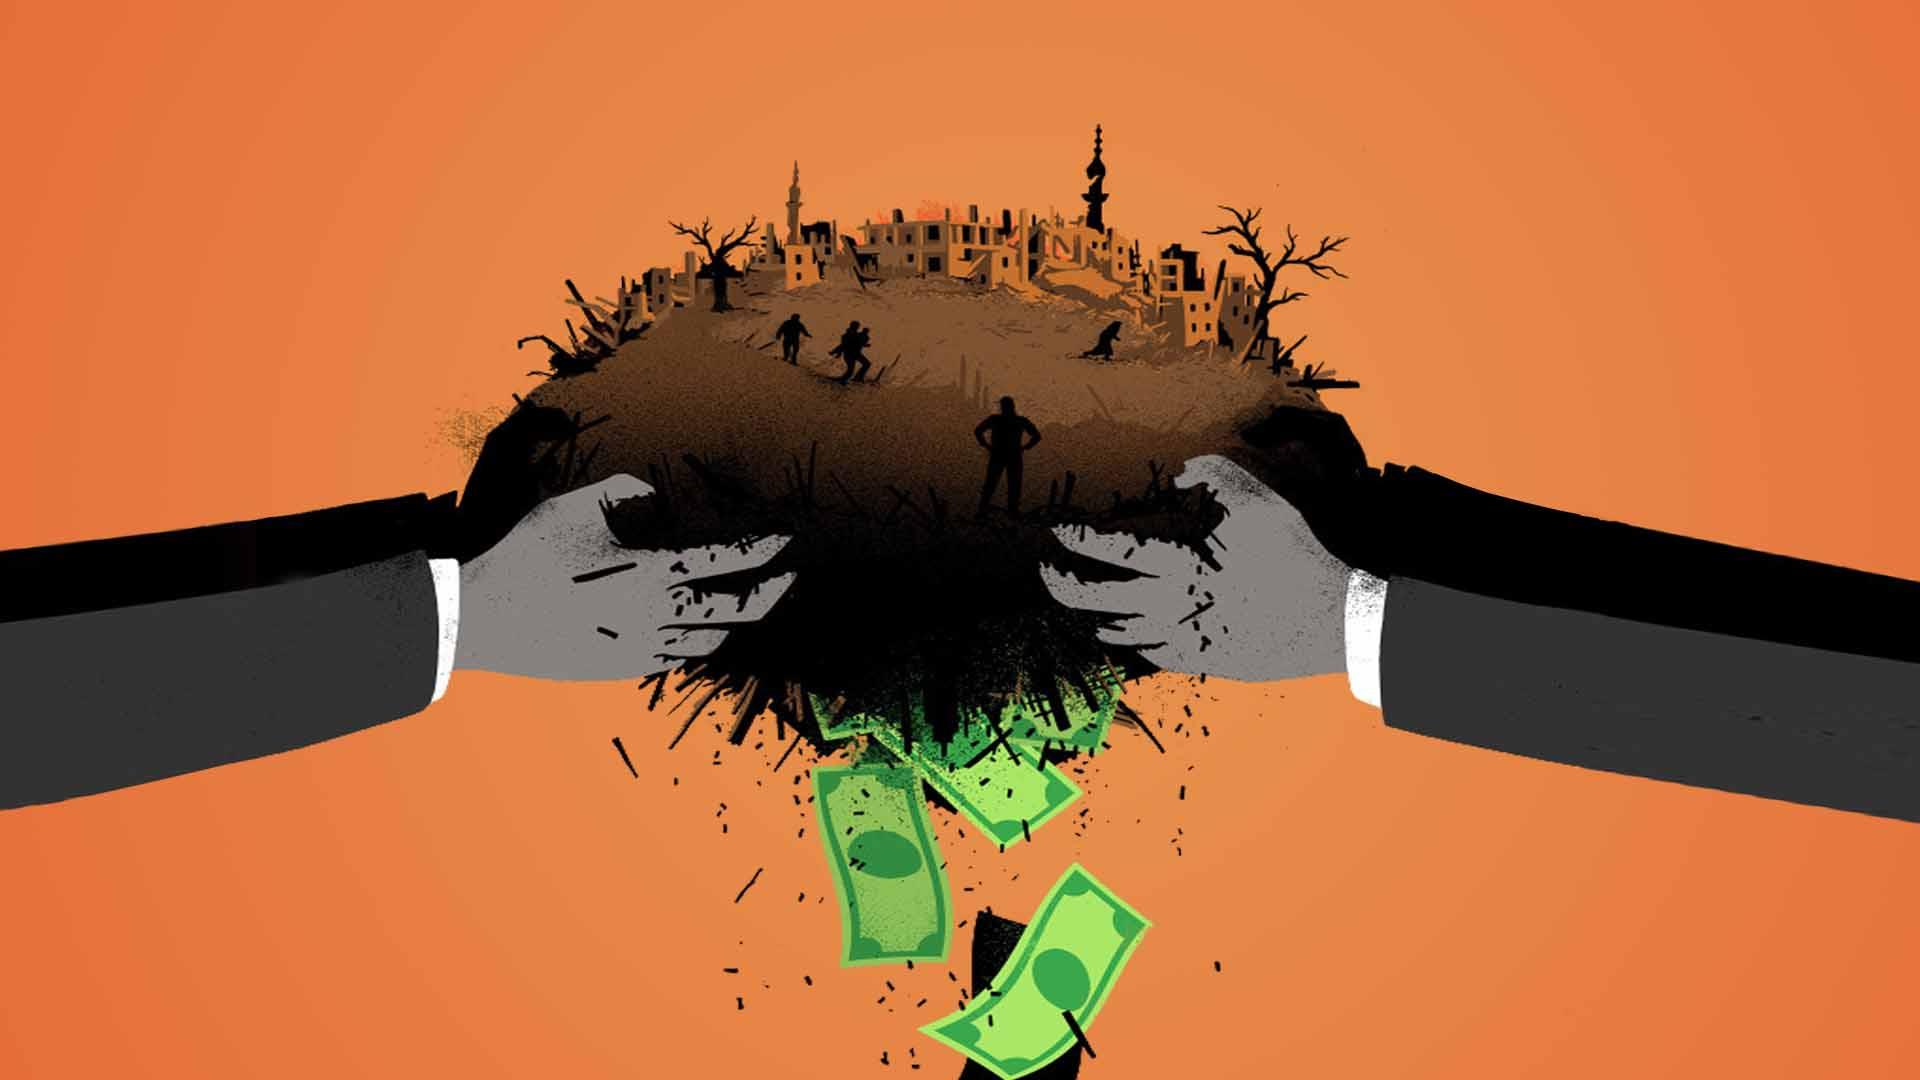 العلاقة بين المناخ السياسي والتنمية الشاملة – سورية نموذجًا